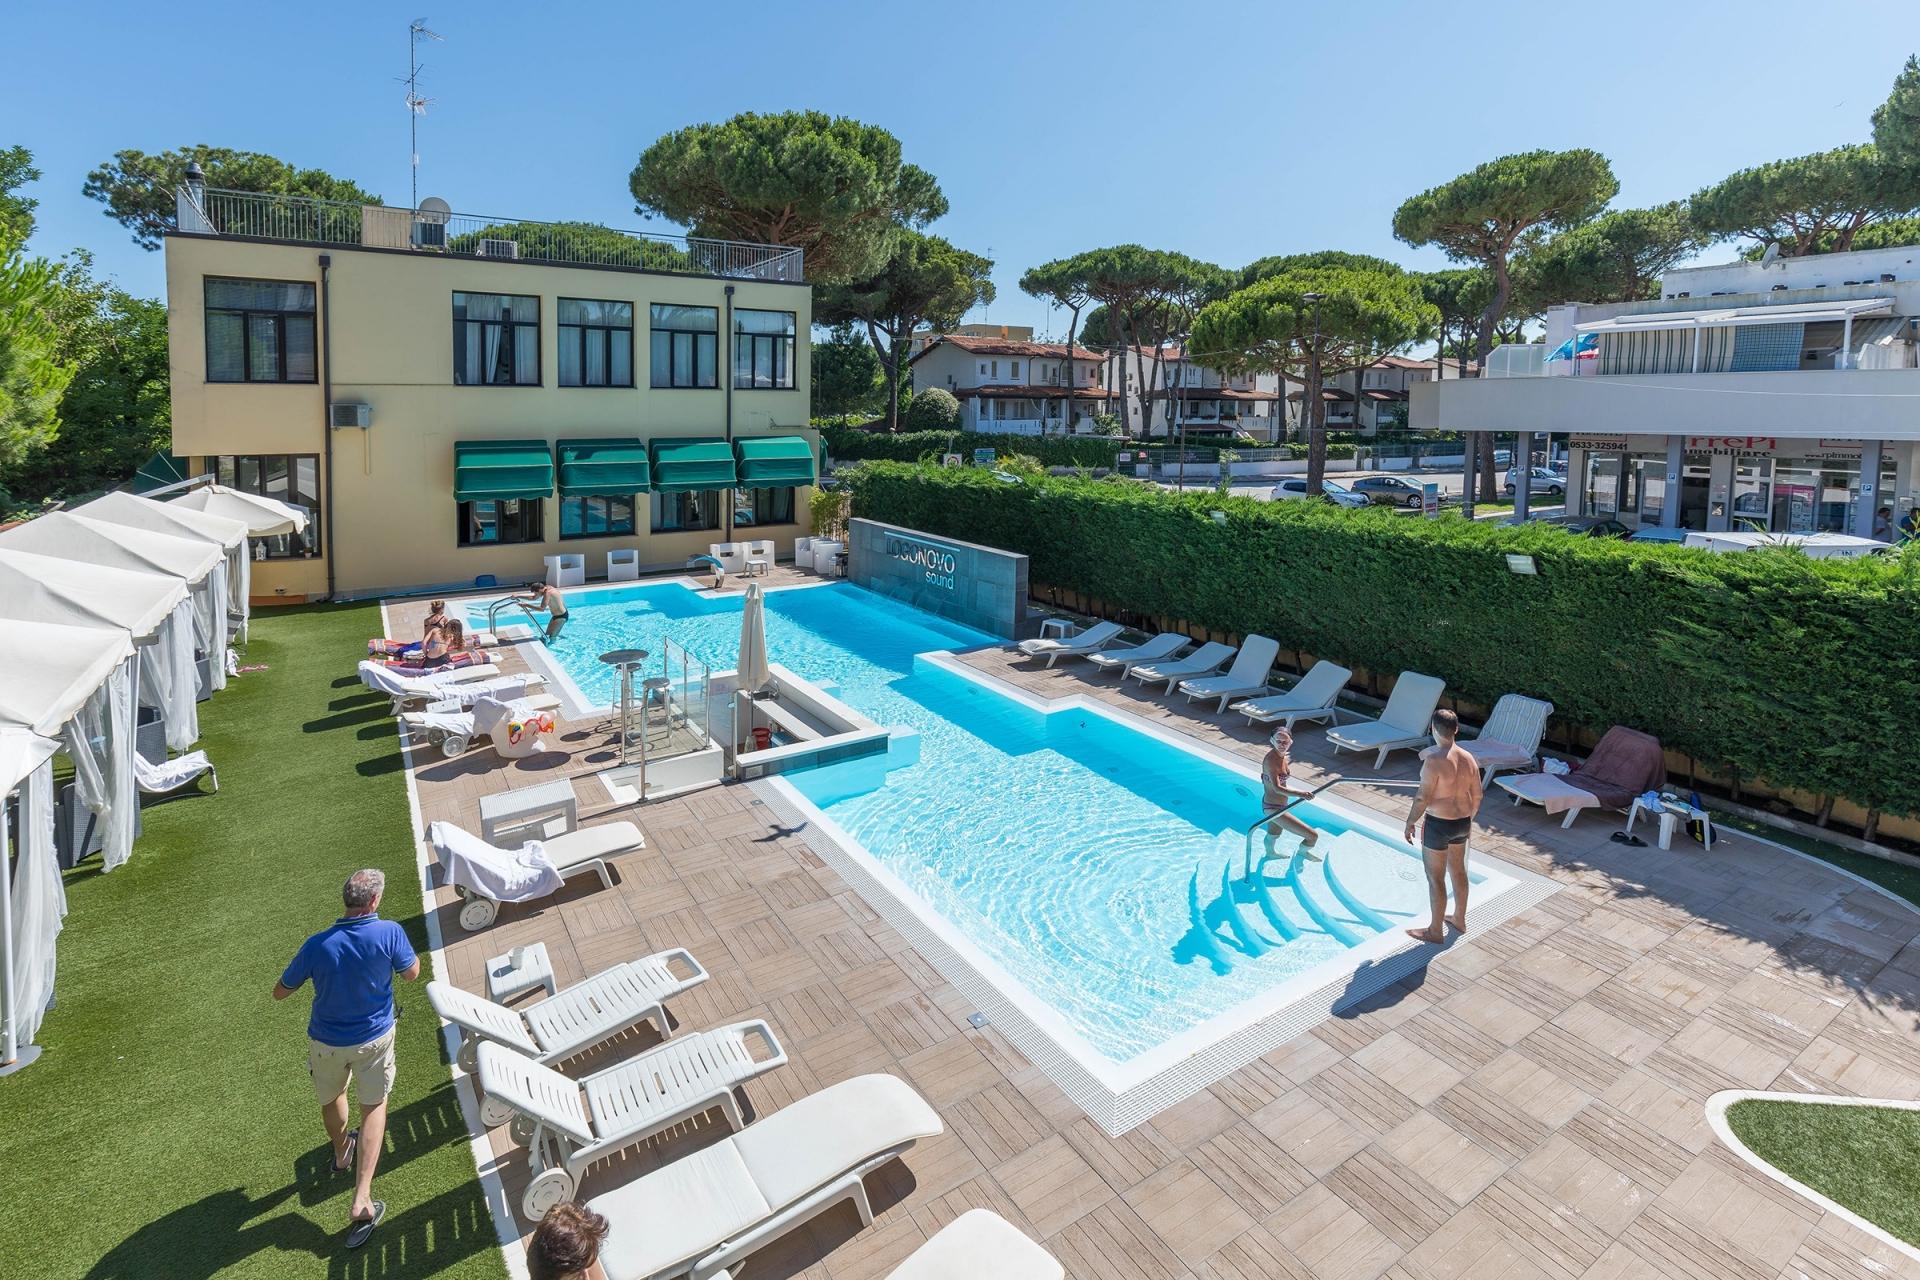 L'Hotel perfetto per la tua estate